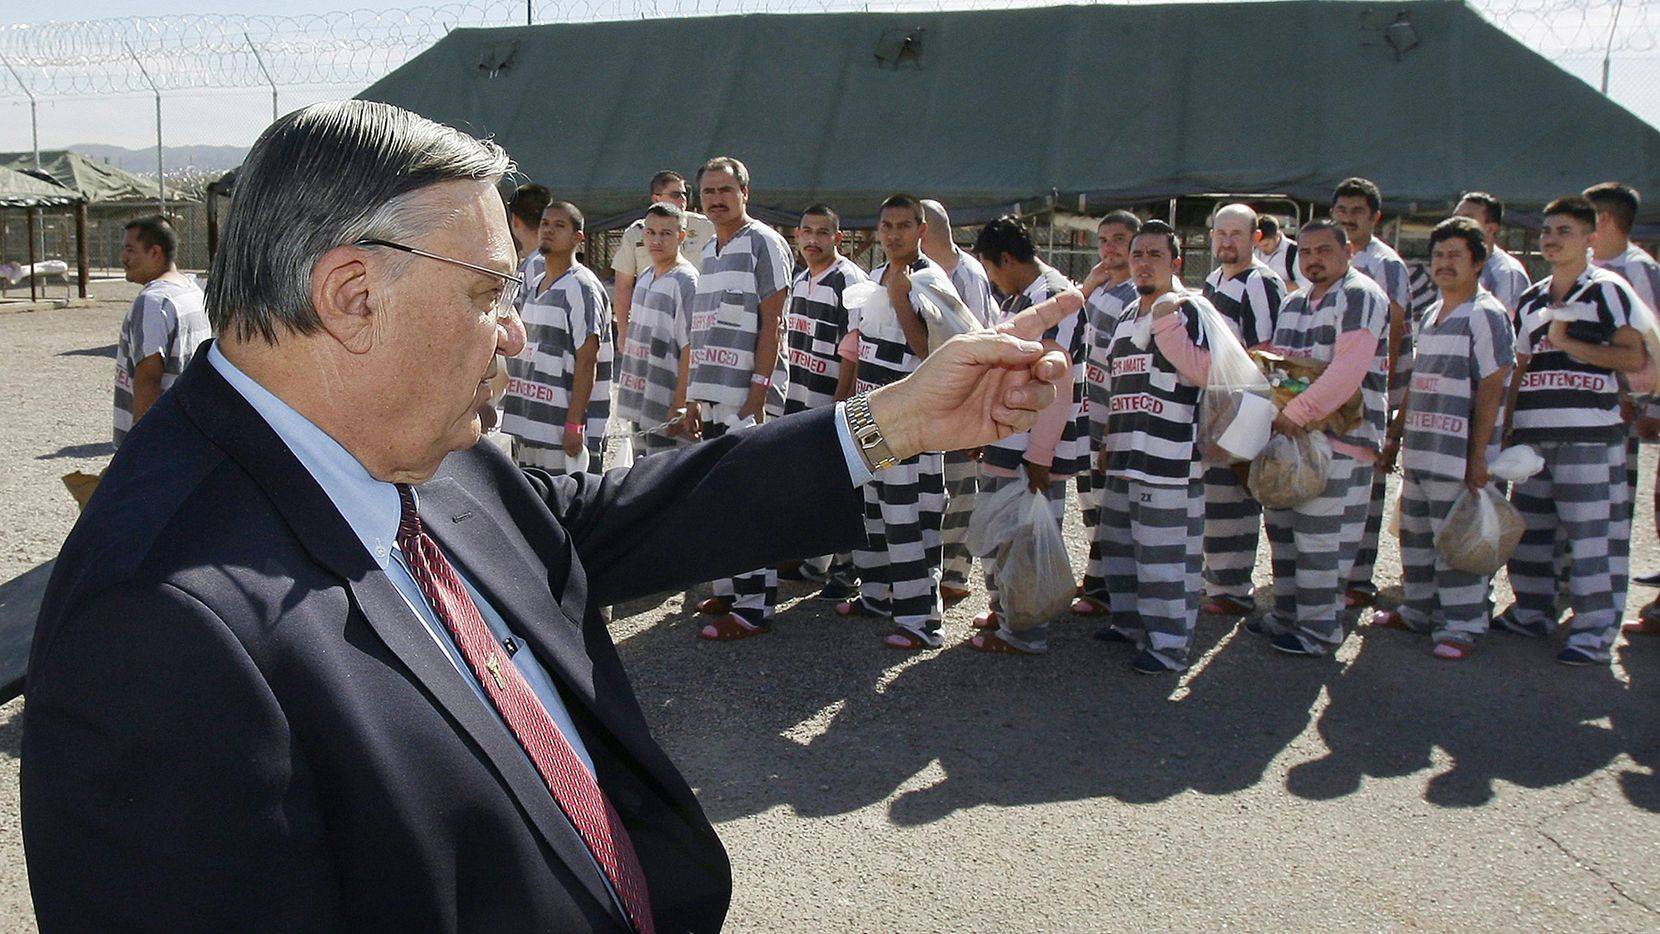 Joe Arpaio, el ex sheriff del condado Maricopa, Arizona, que abrió una cárcel para indocumentados cuando fungía de sheriff.